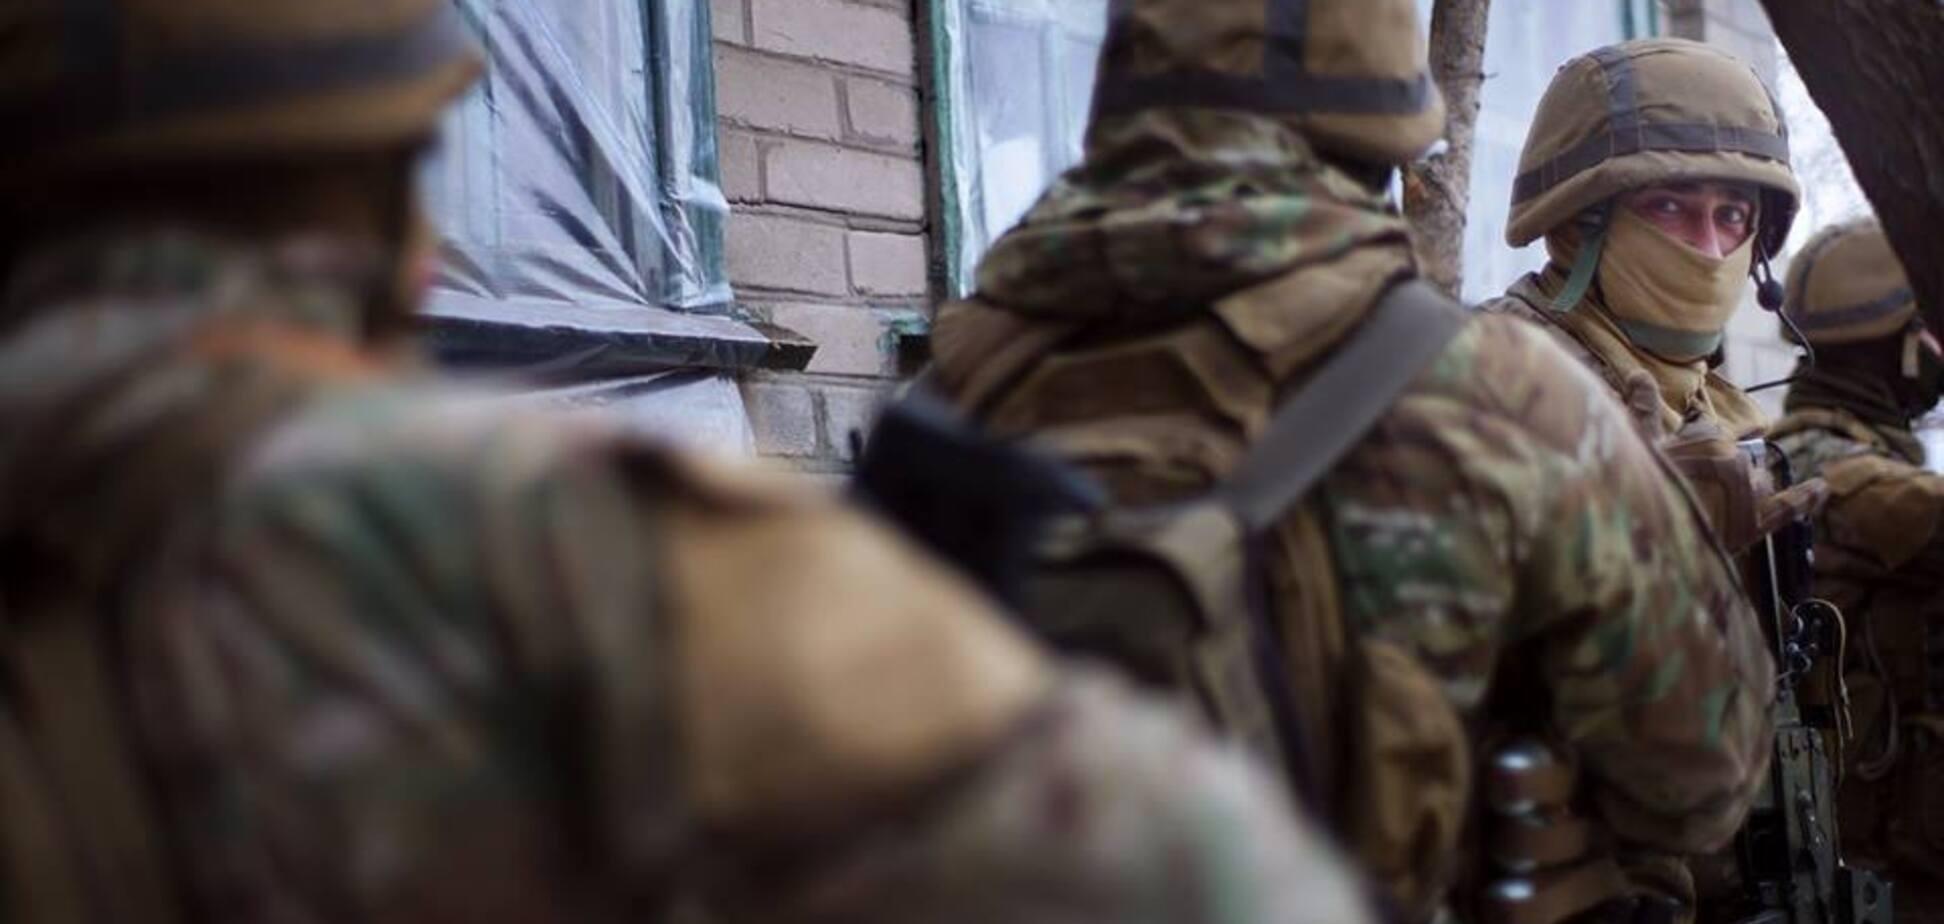 Україна звільнила нові землі на Донбасі: з'явилася перша реакція з боку 'ДНР'